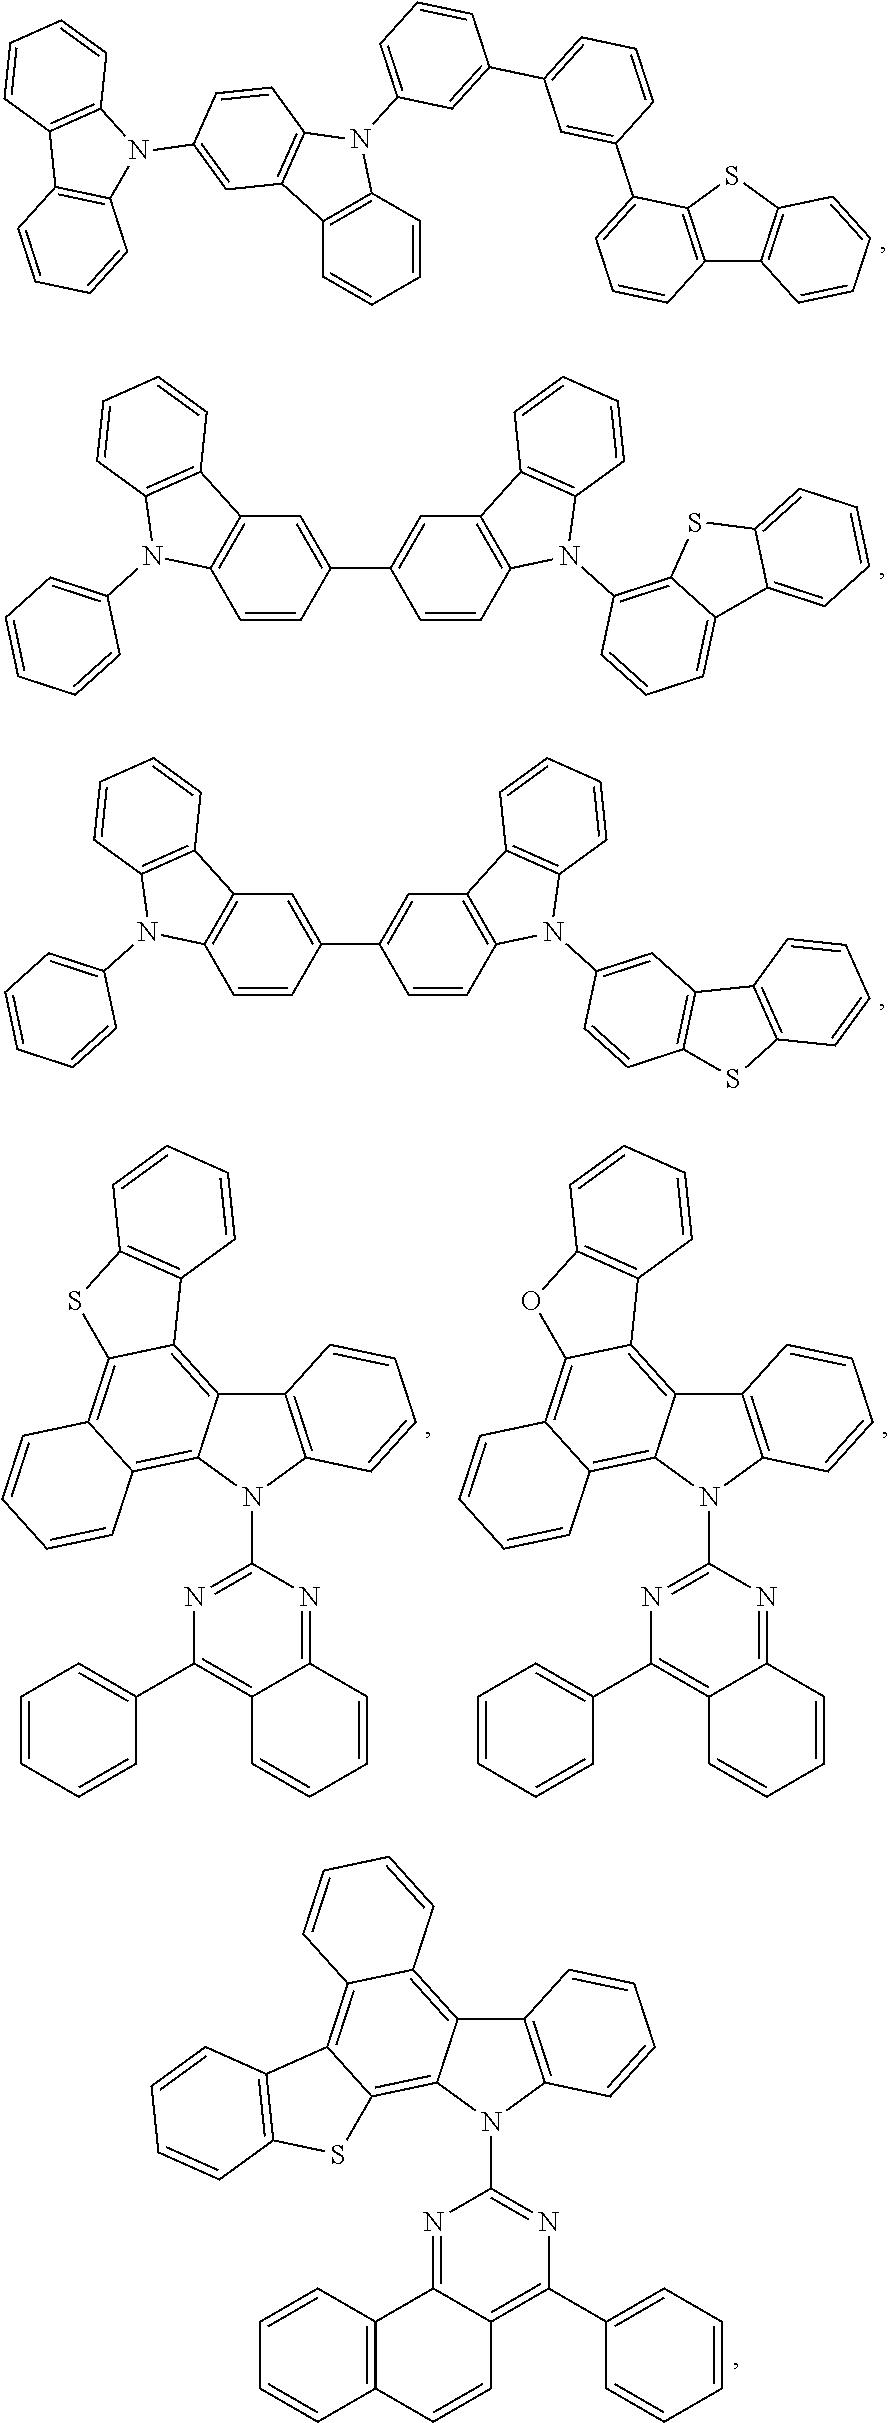 Figure US20190161504A1-20190530-C00015